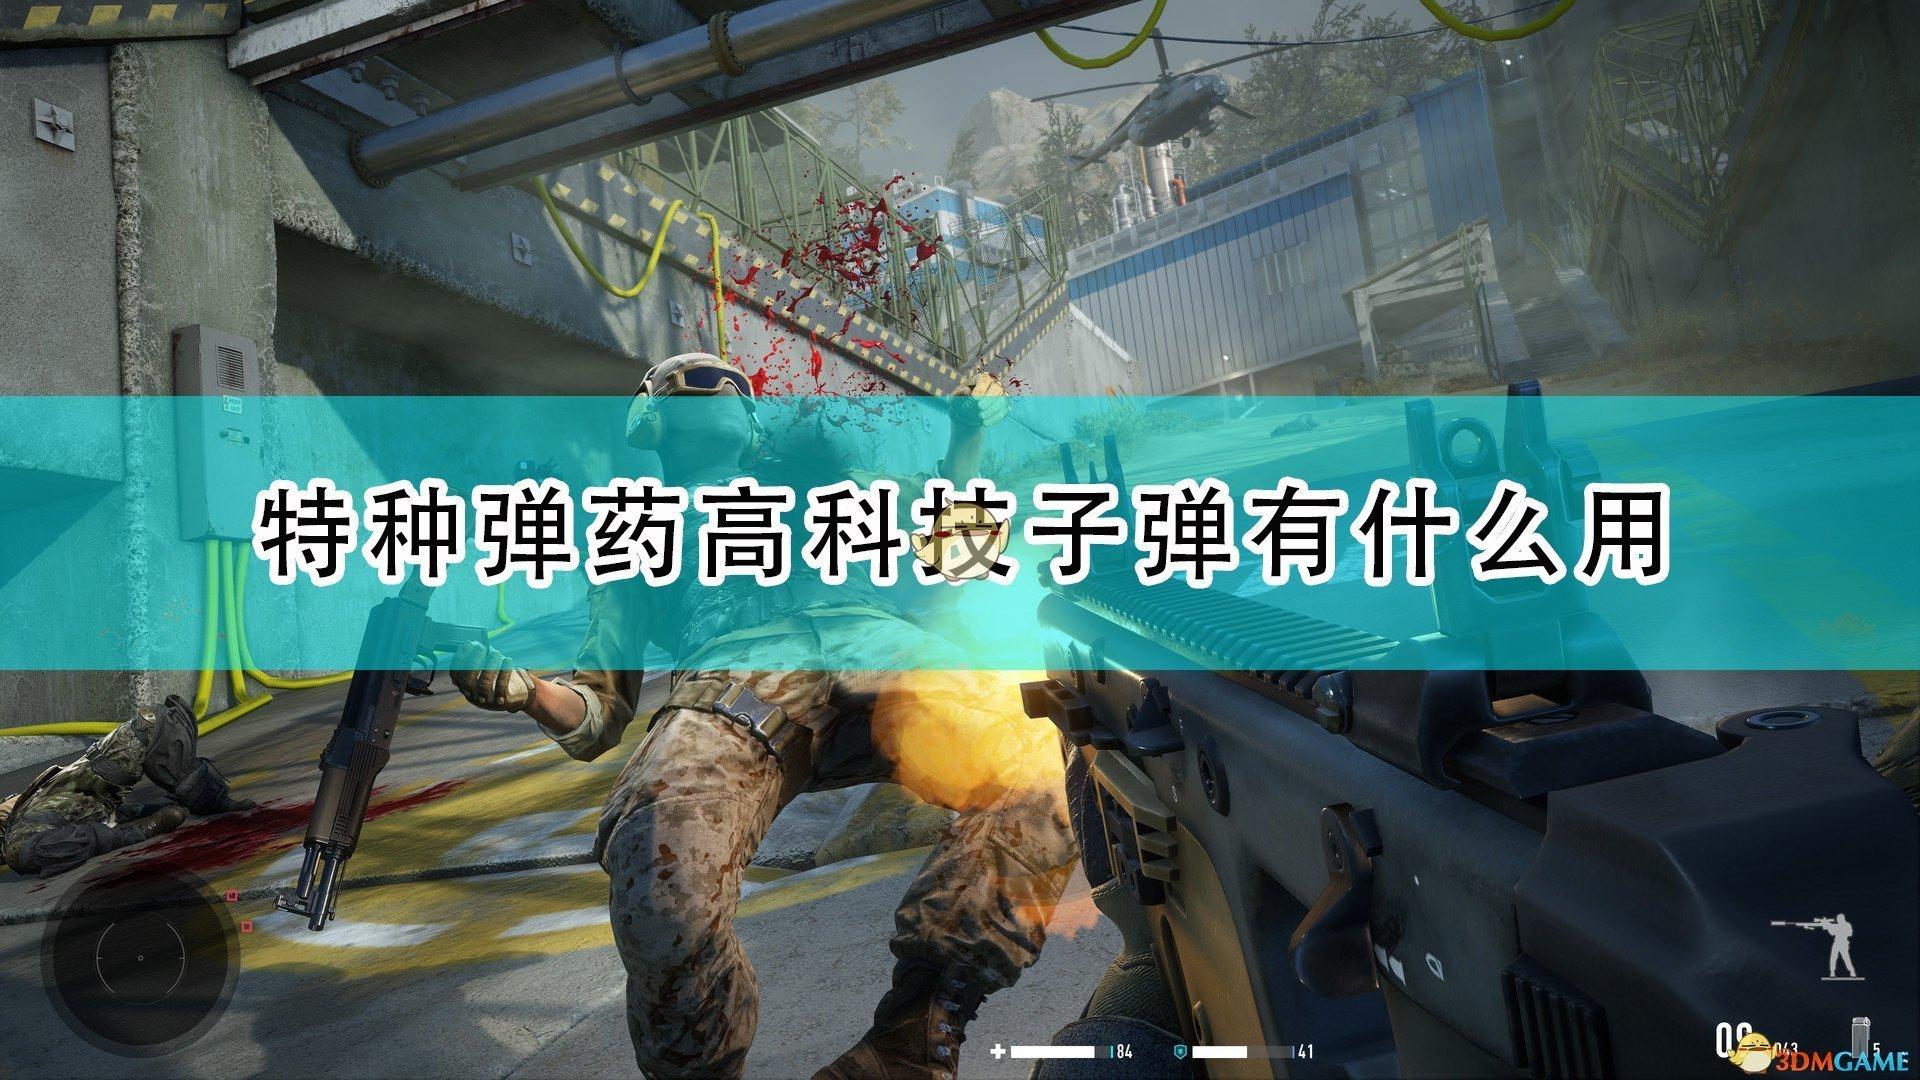 《狙击手:幽灵战士契约2》高科技子弹作用效果介绍